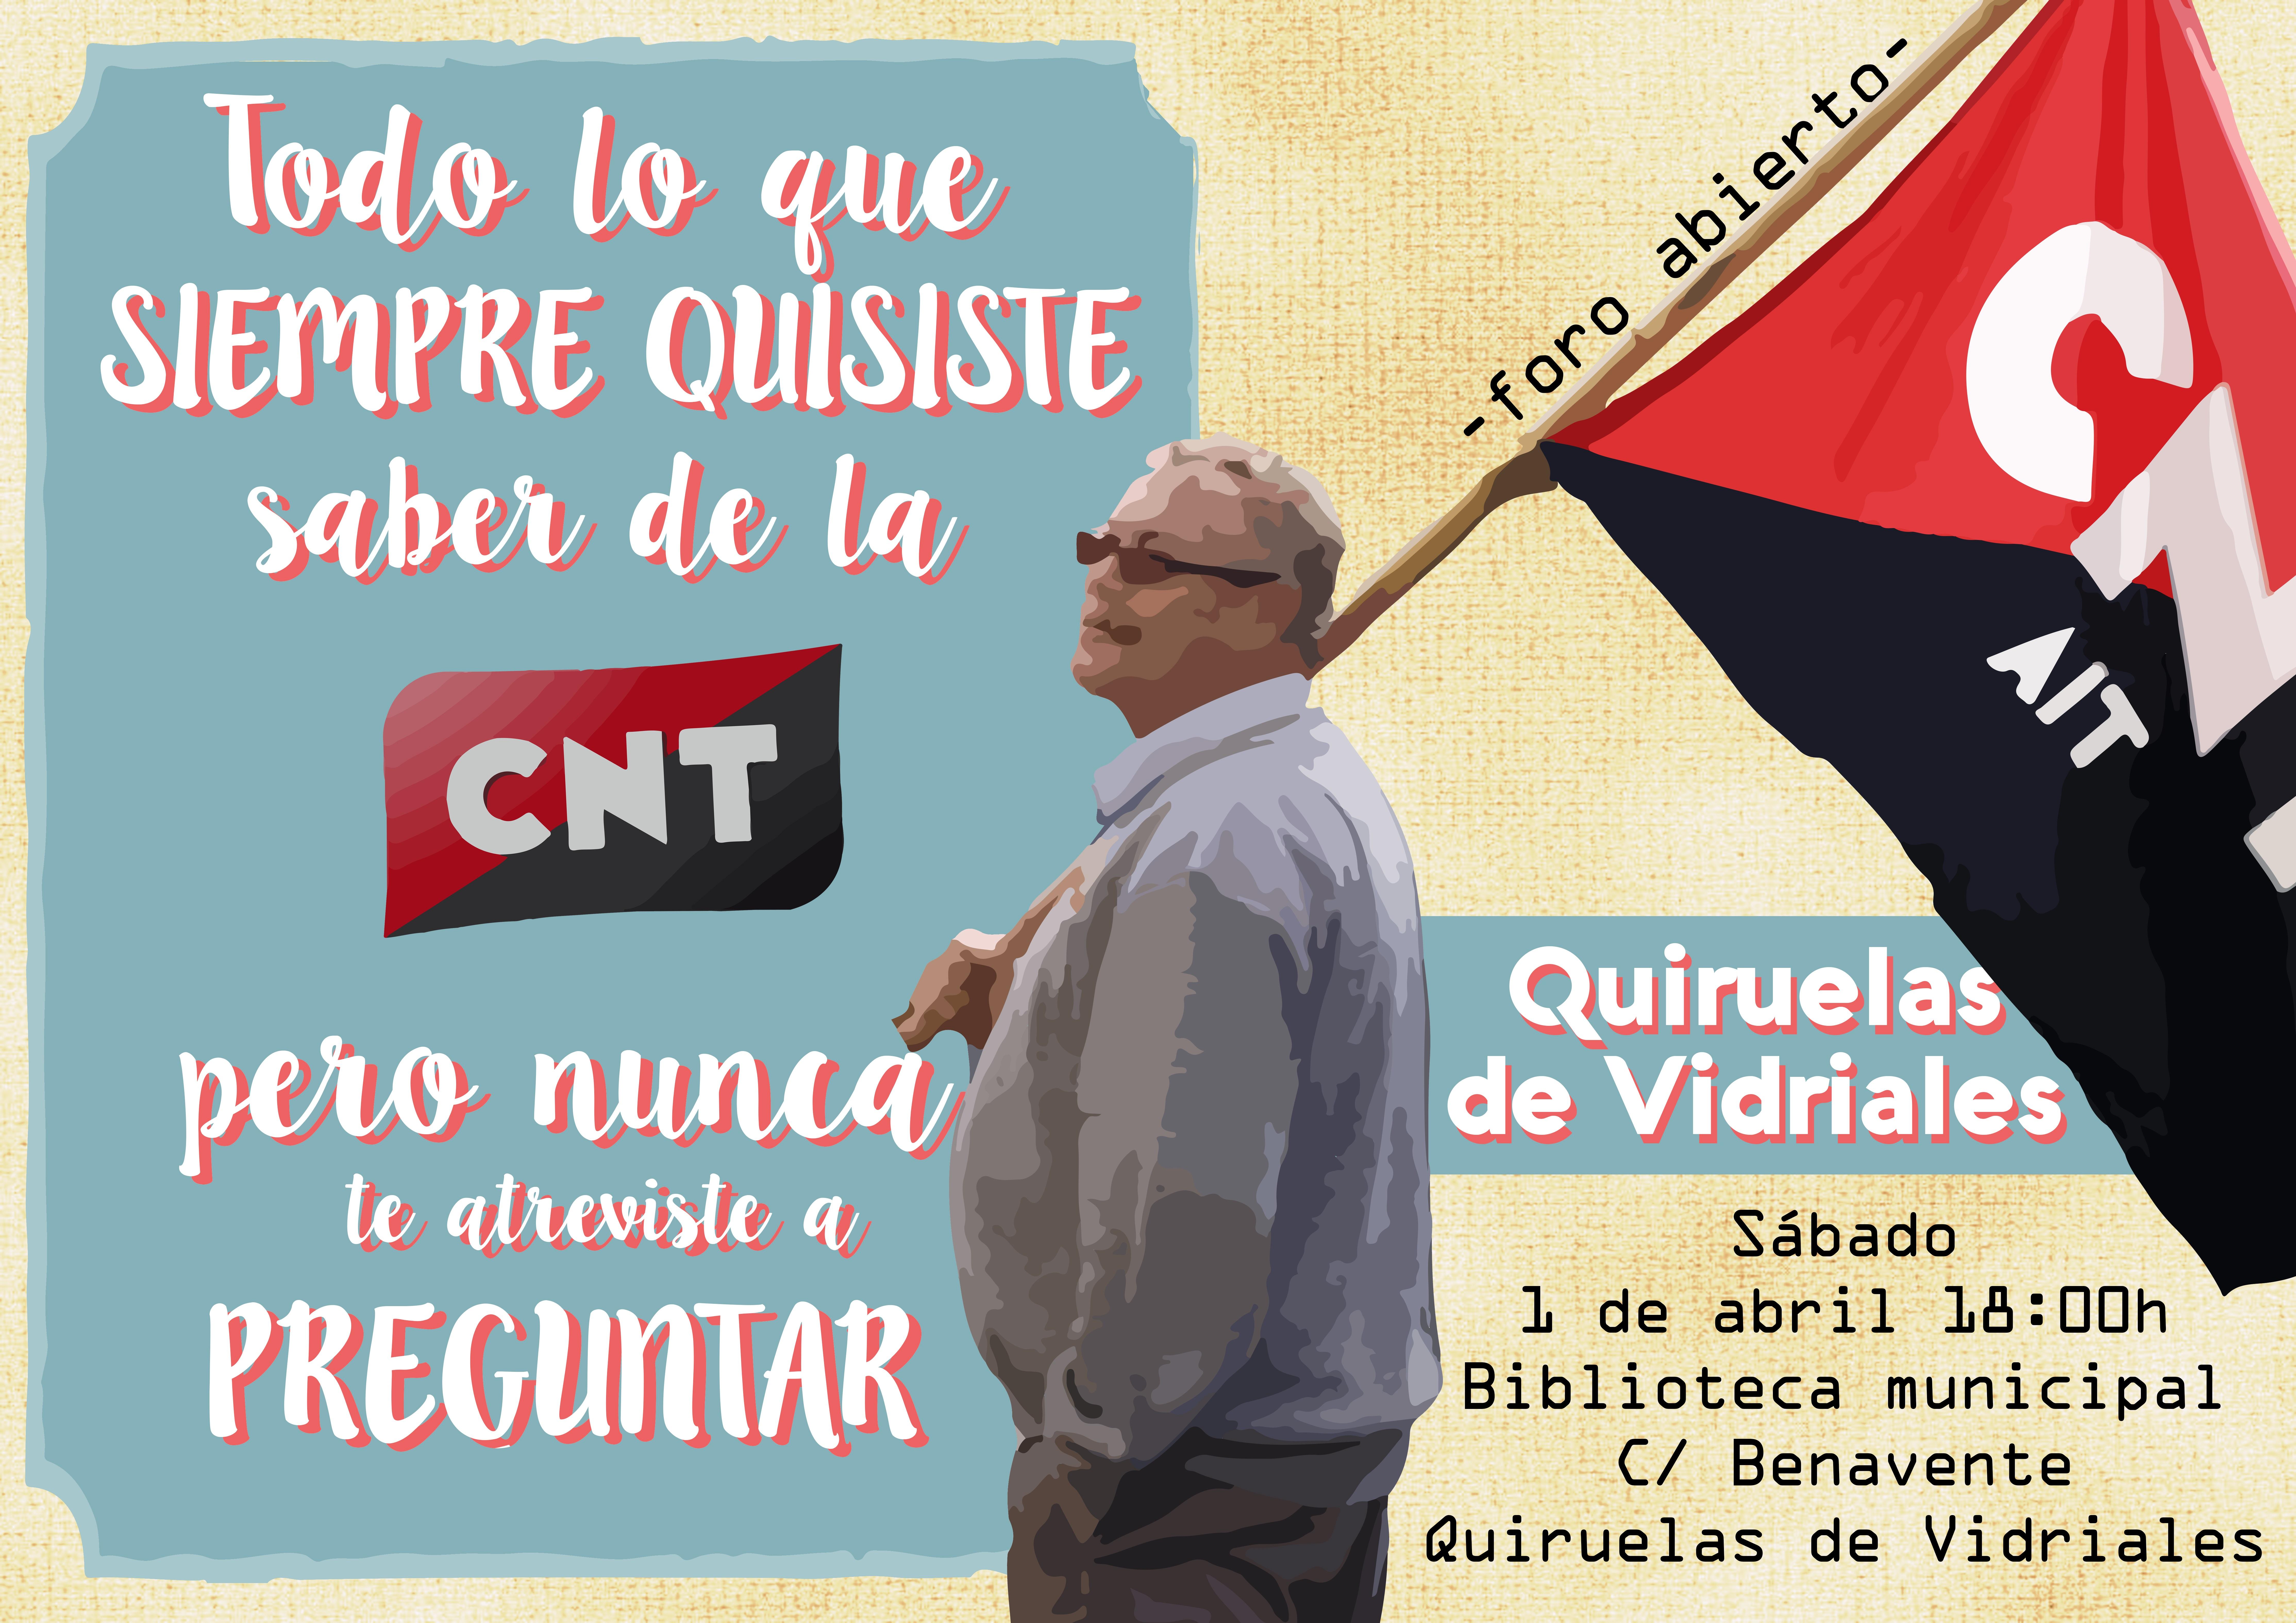 charla quiruelas (1)